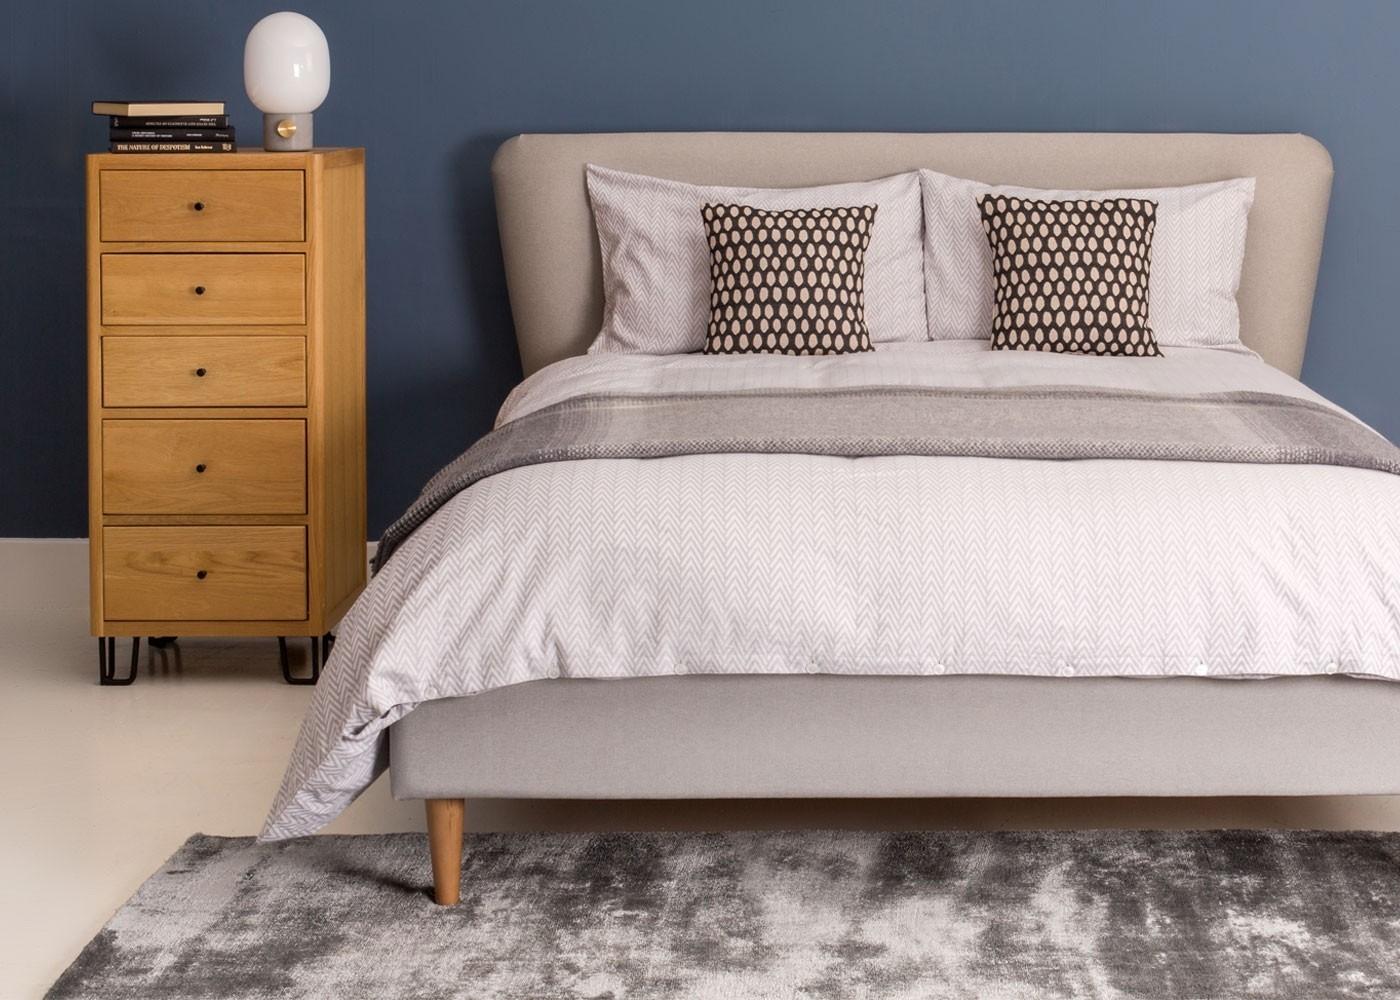 Linie Design LUCENS silver rug » InnoShop  